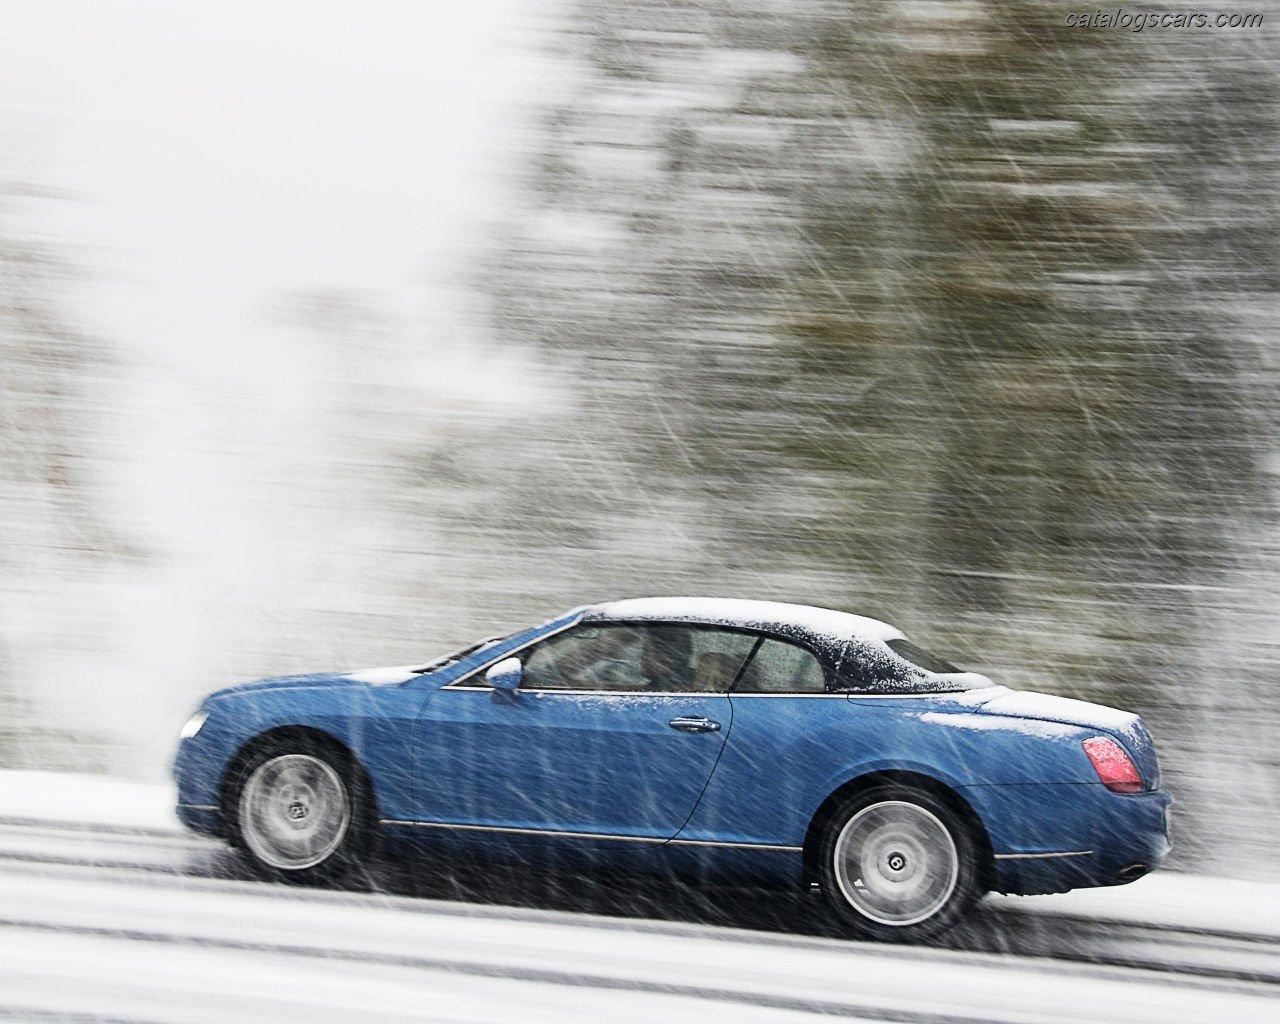 صور سيارة بنتلى كونتيننتال جى تى سى 2015 - اجمل خلفيات صور عربية بنتلى كونتيننتال جى تى سى 2015 - Bentley Continental Gtc Photos Bentley-Continental-Gtc-2011-01.jpg